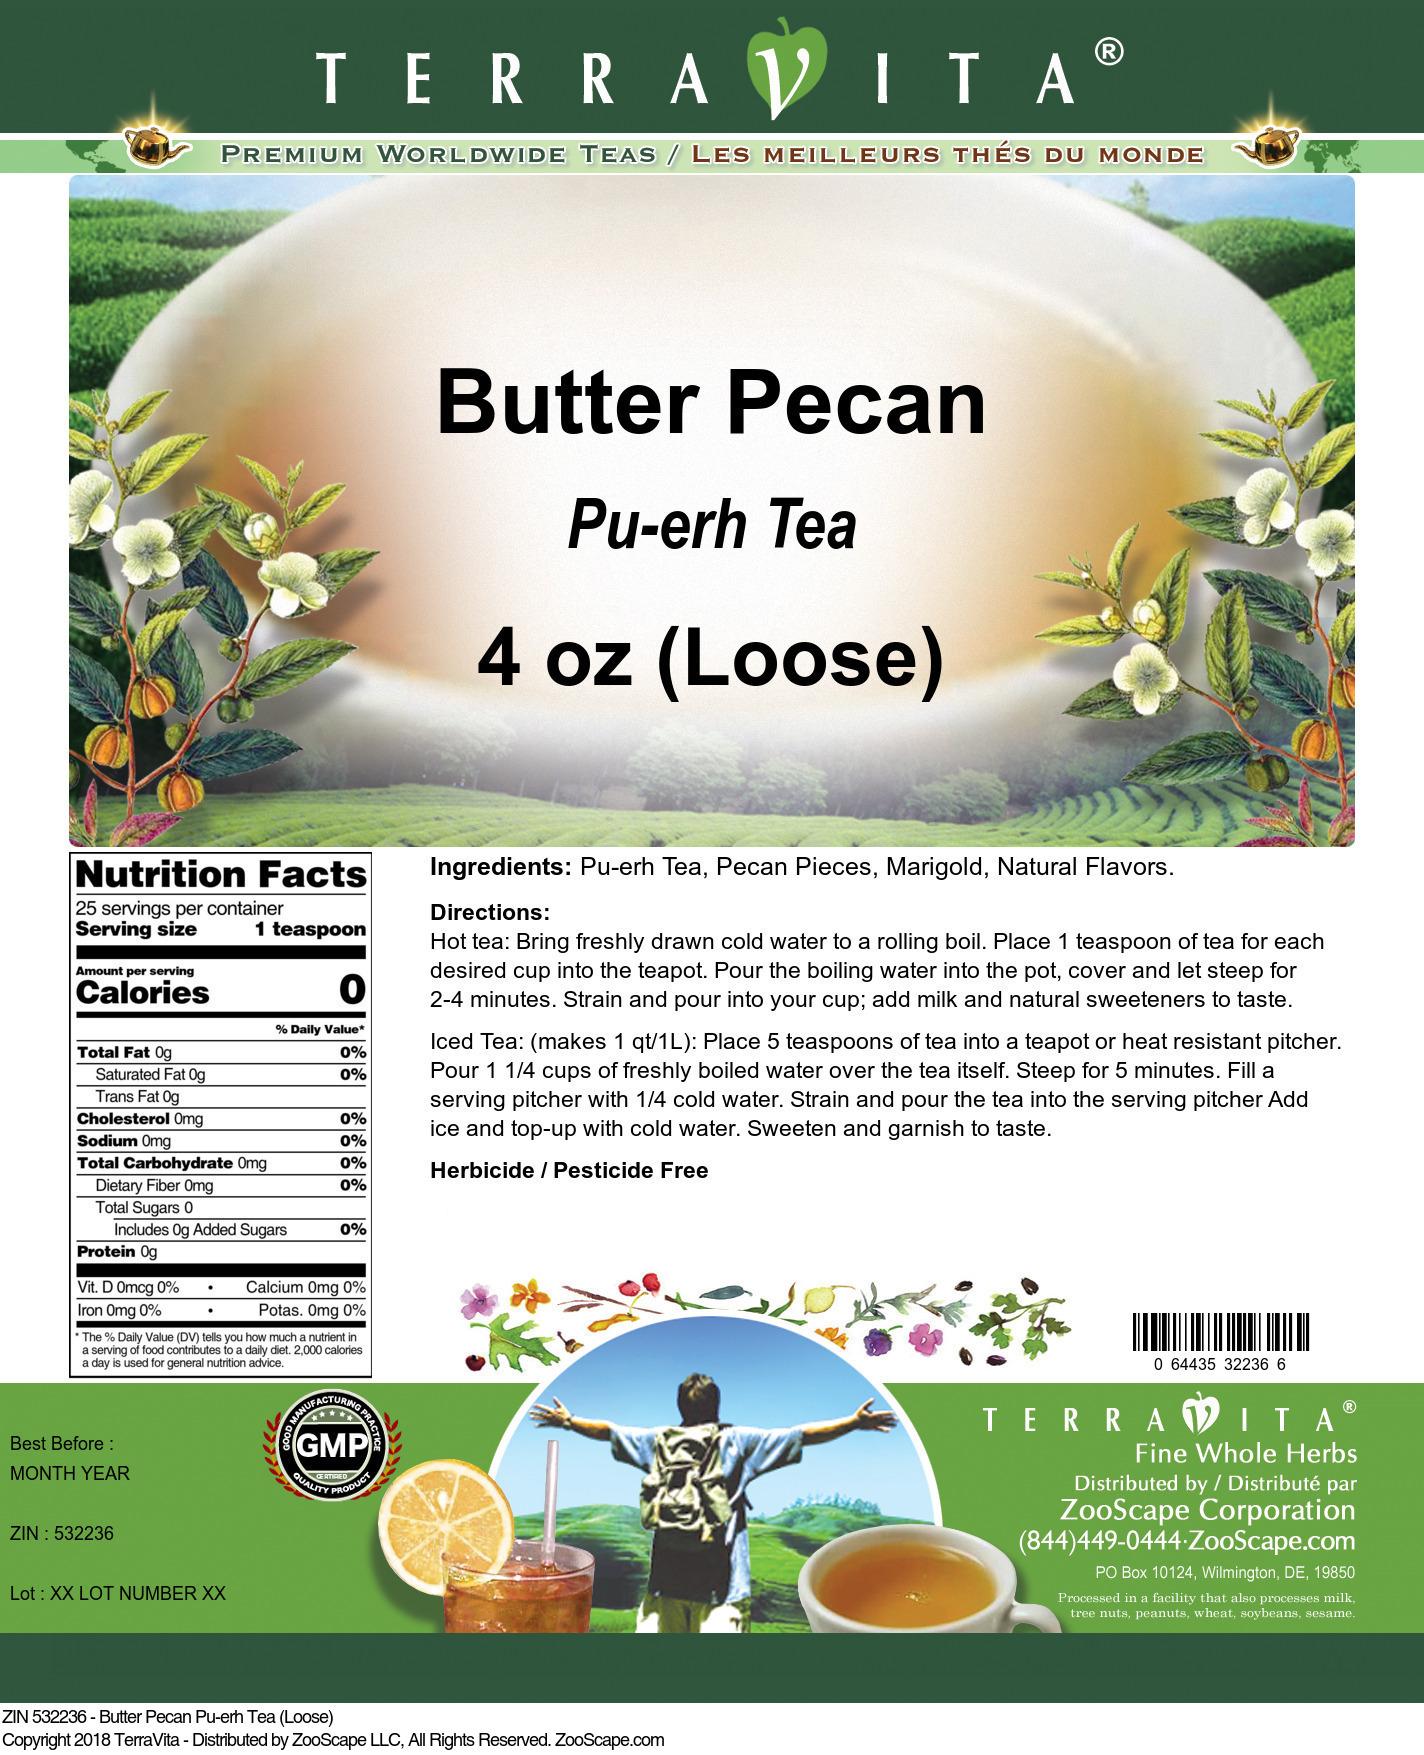 Butter Pecan Pu-erh Tea